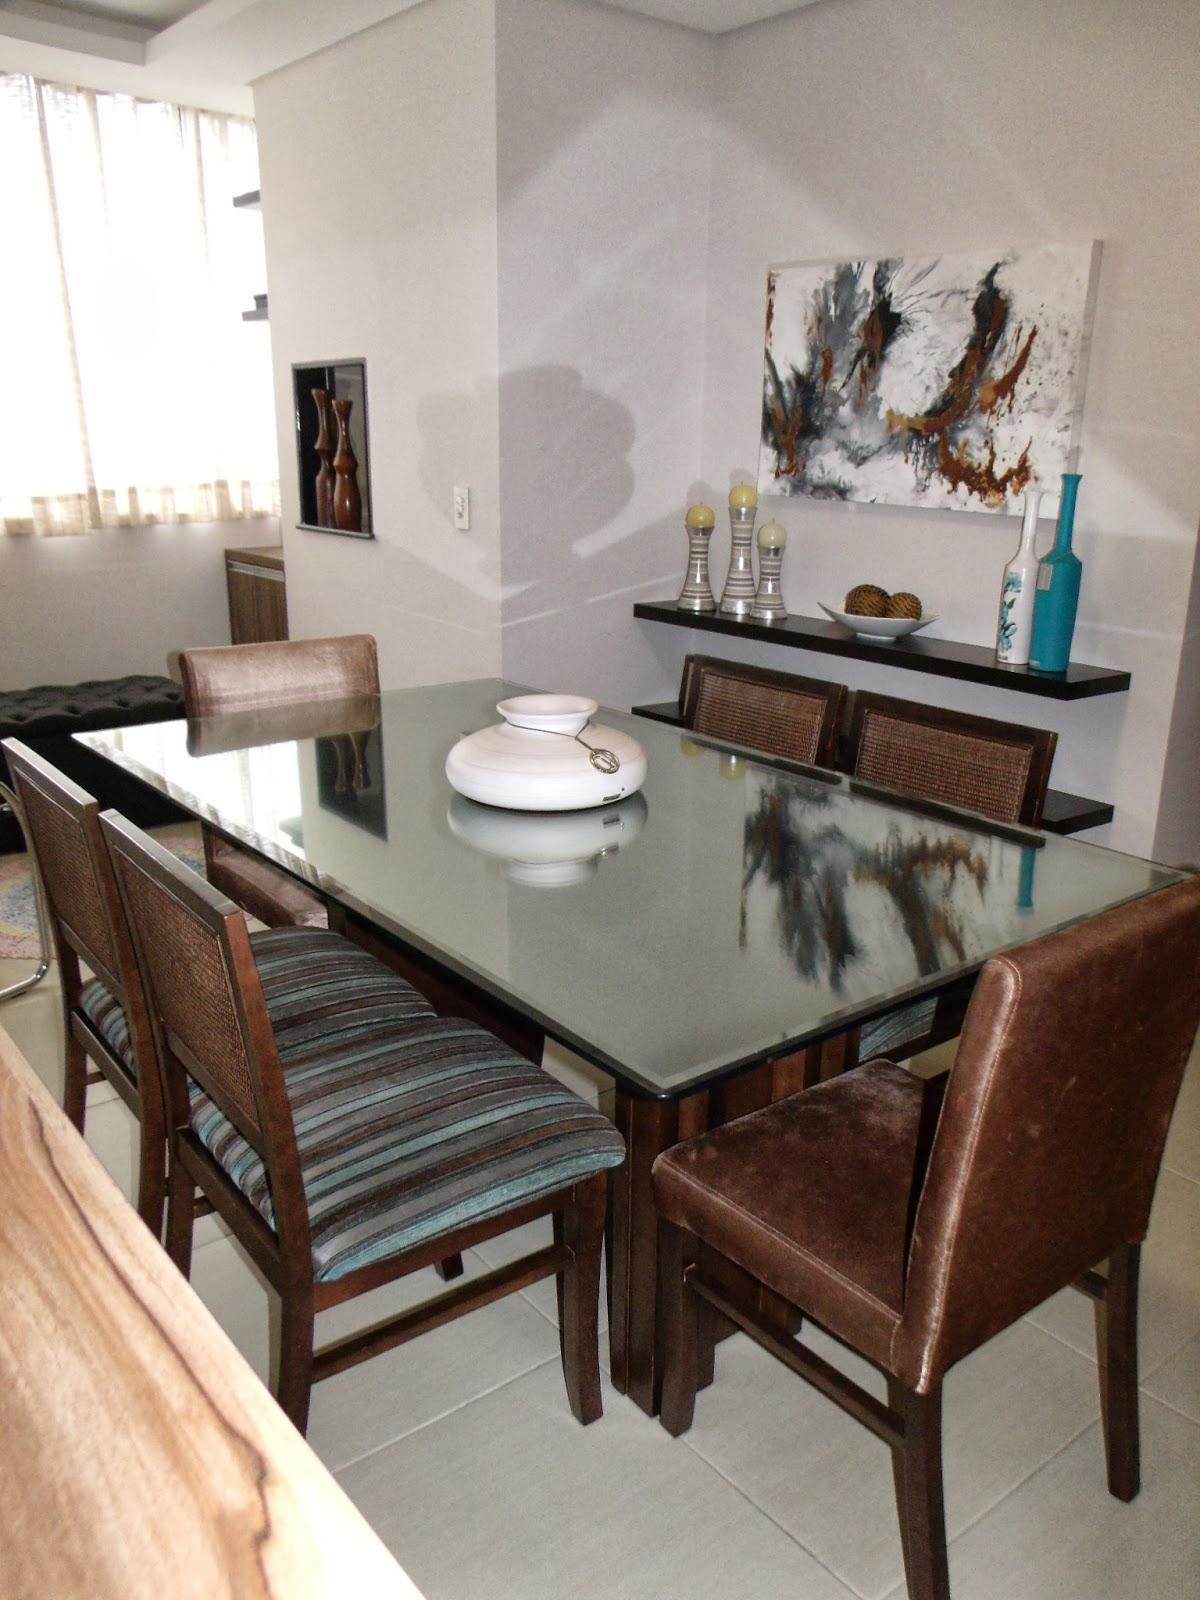 Sua mesa é de vidro e não para limpa? Vem que tenho a solução #2C636C 1200x1600